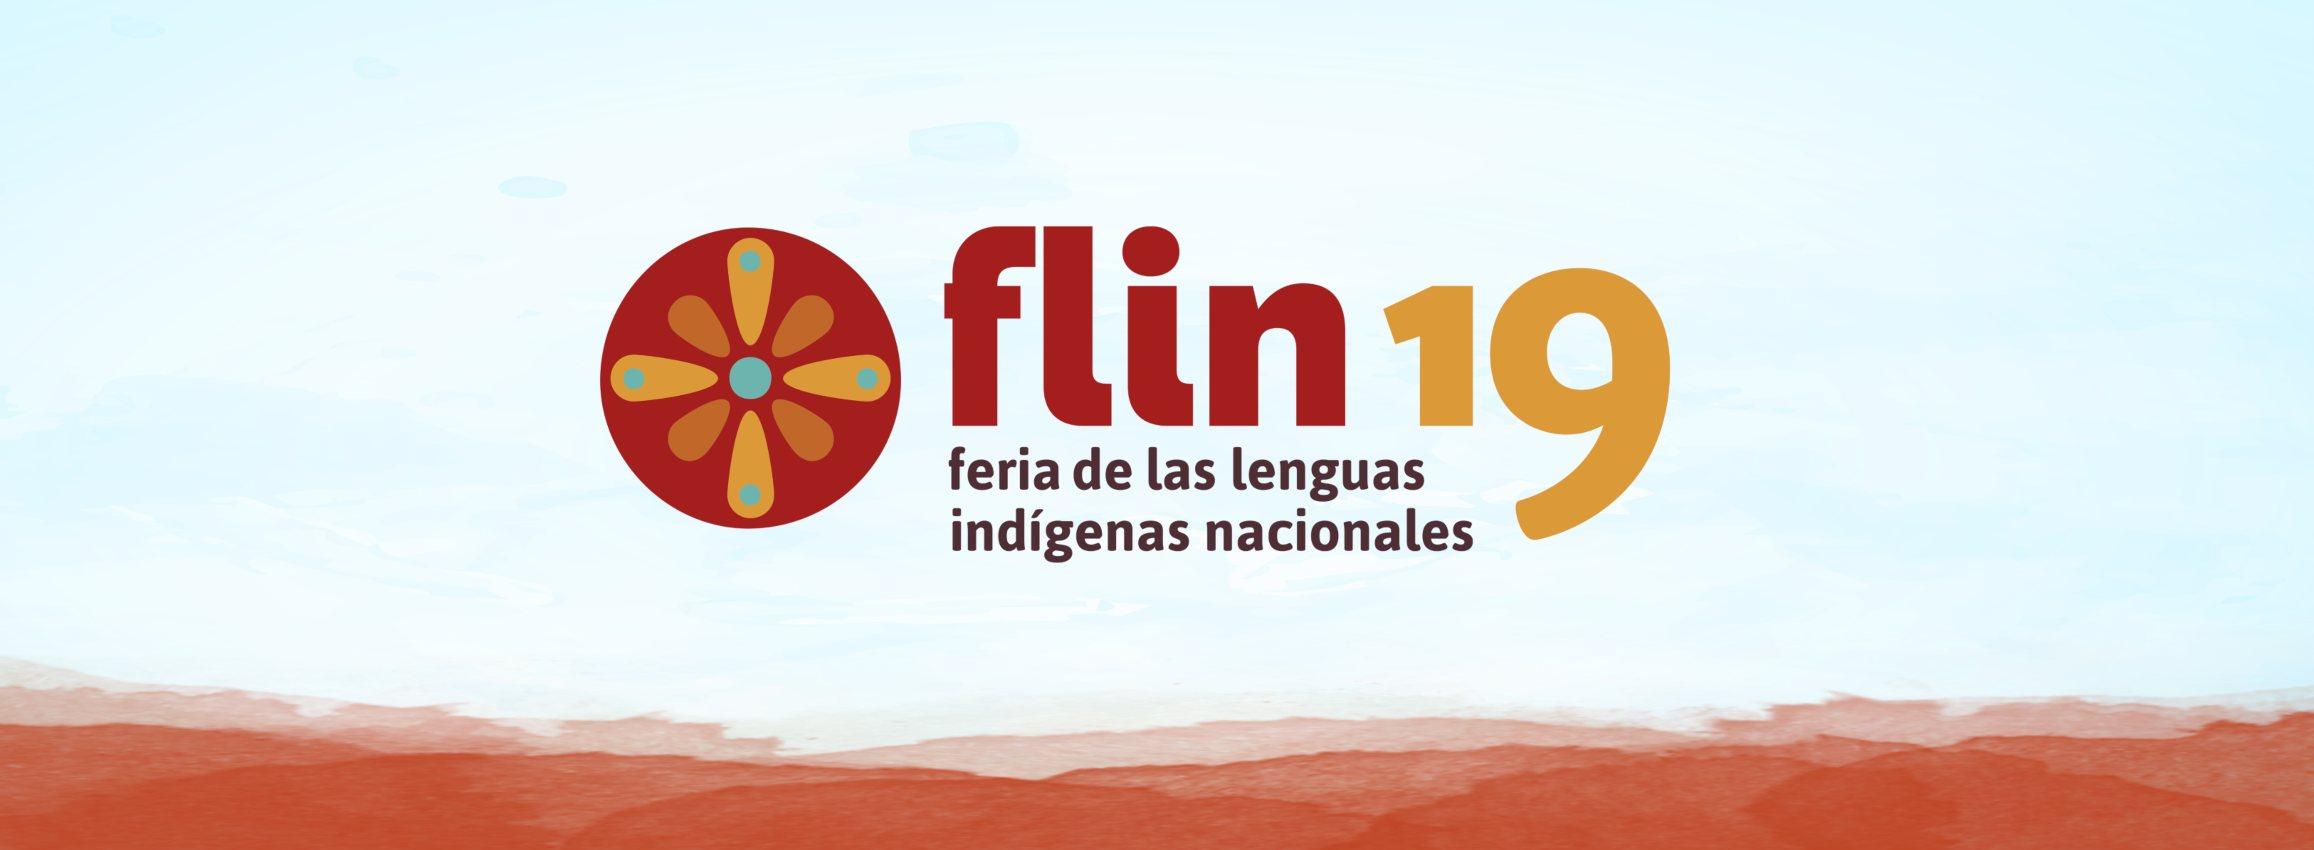 FLIN-2019